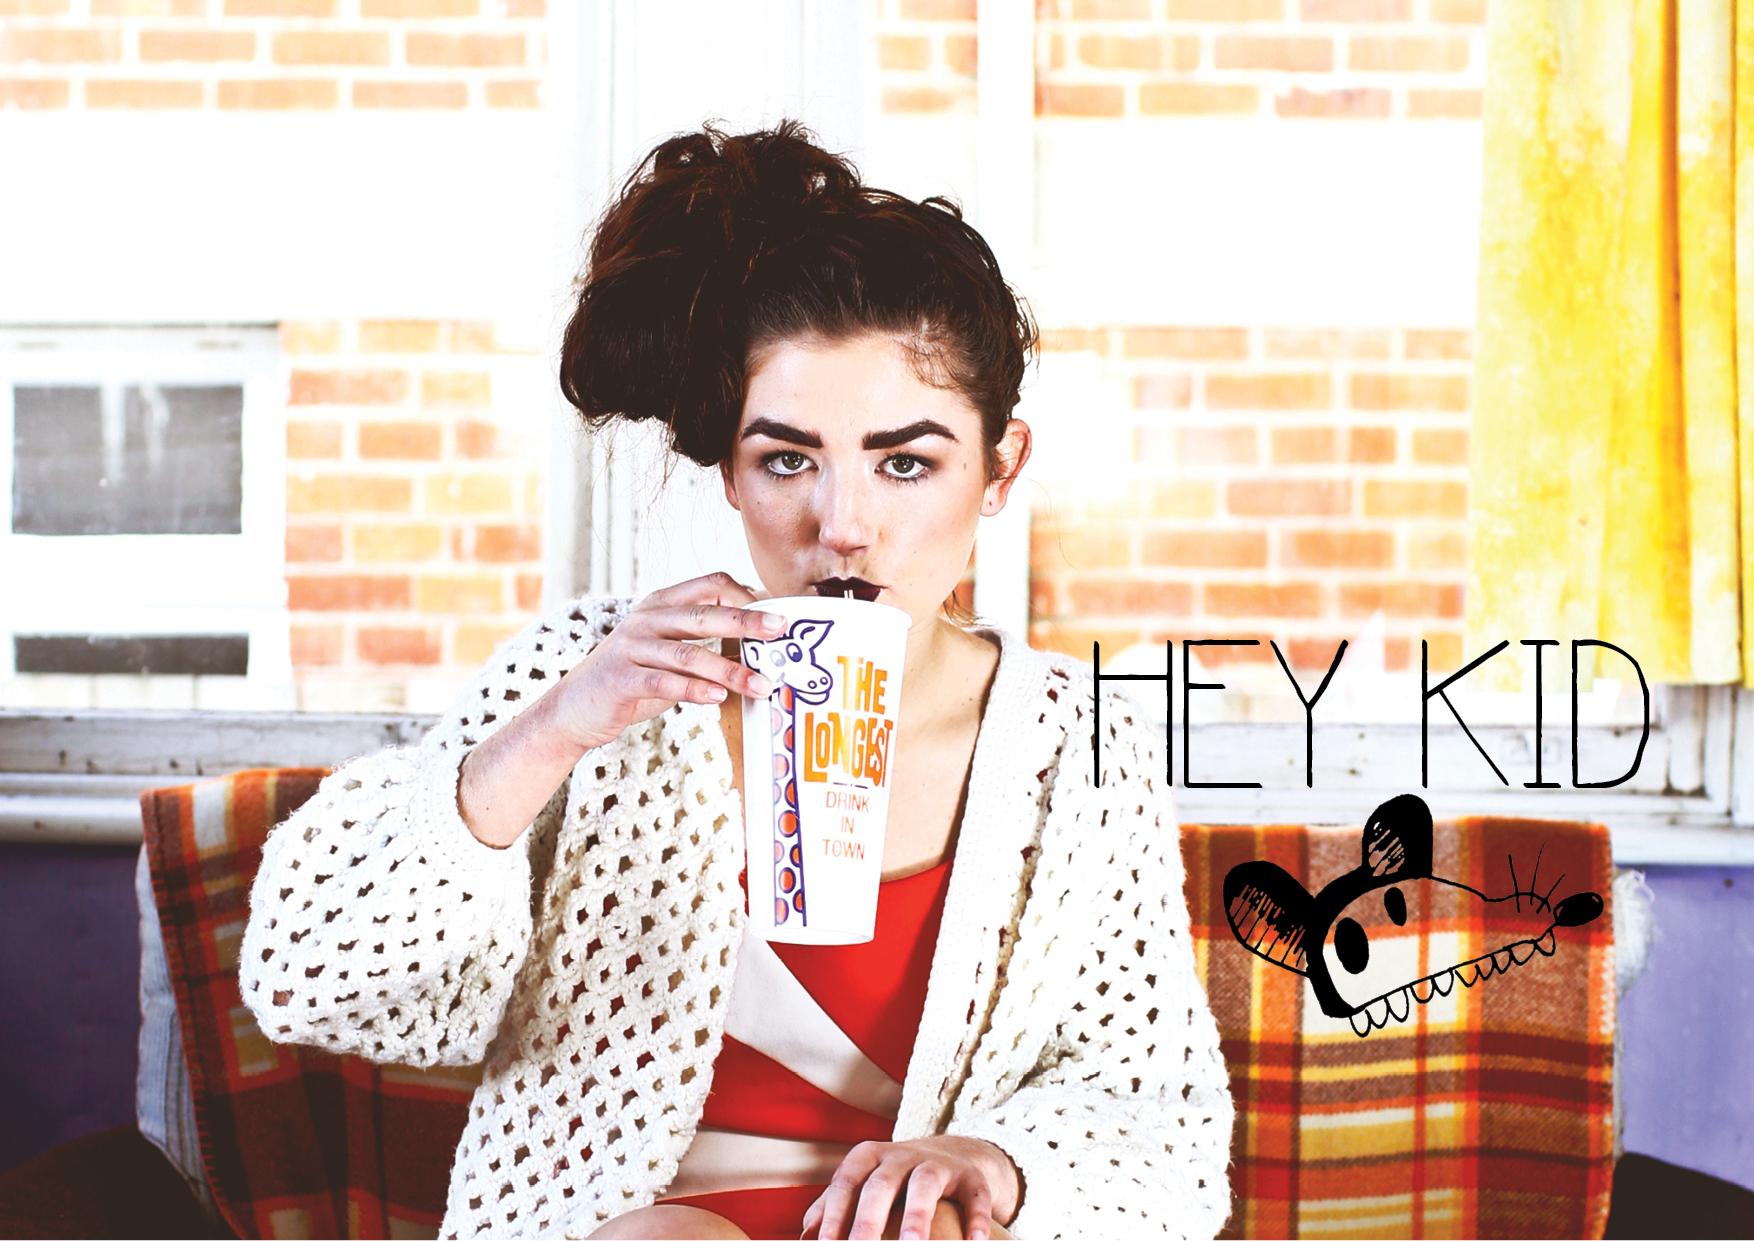 HeyKid.jpg